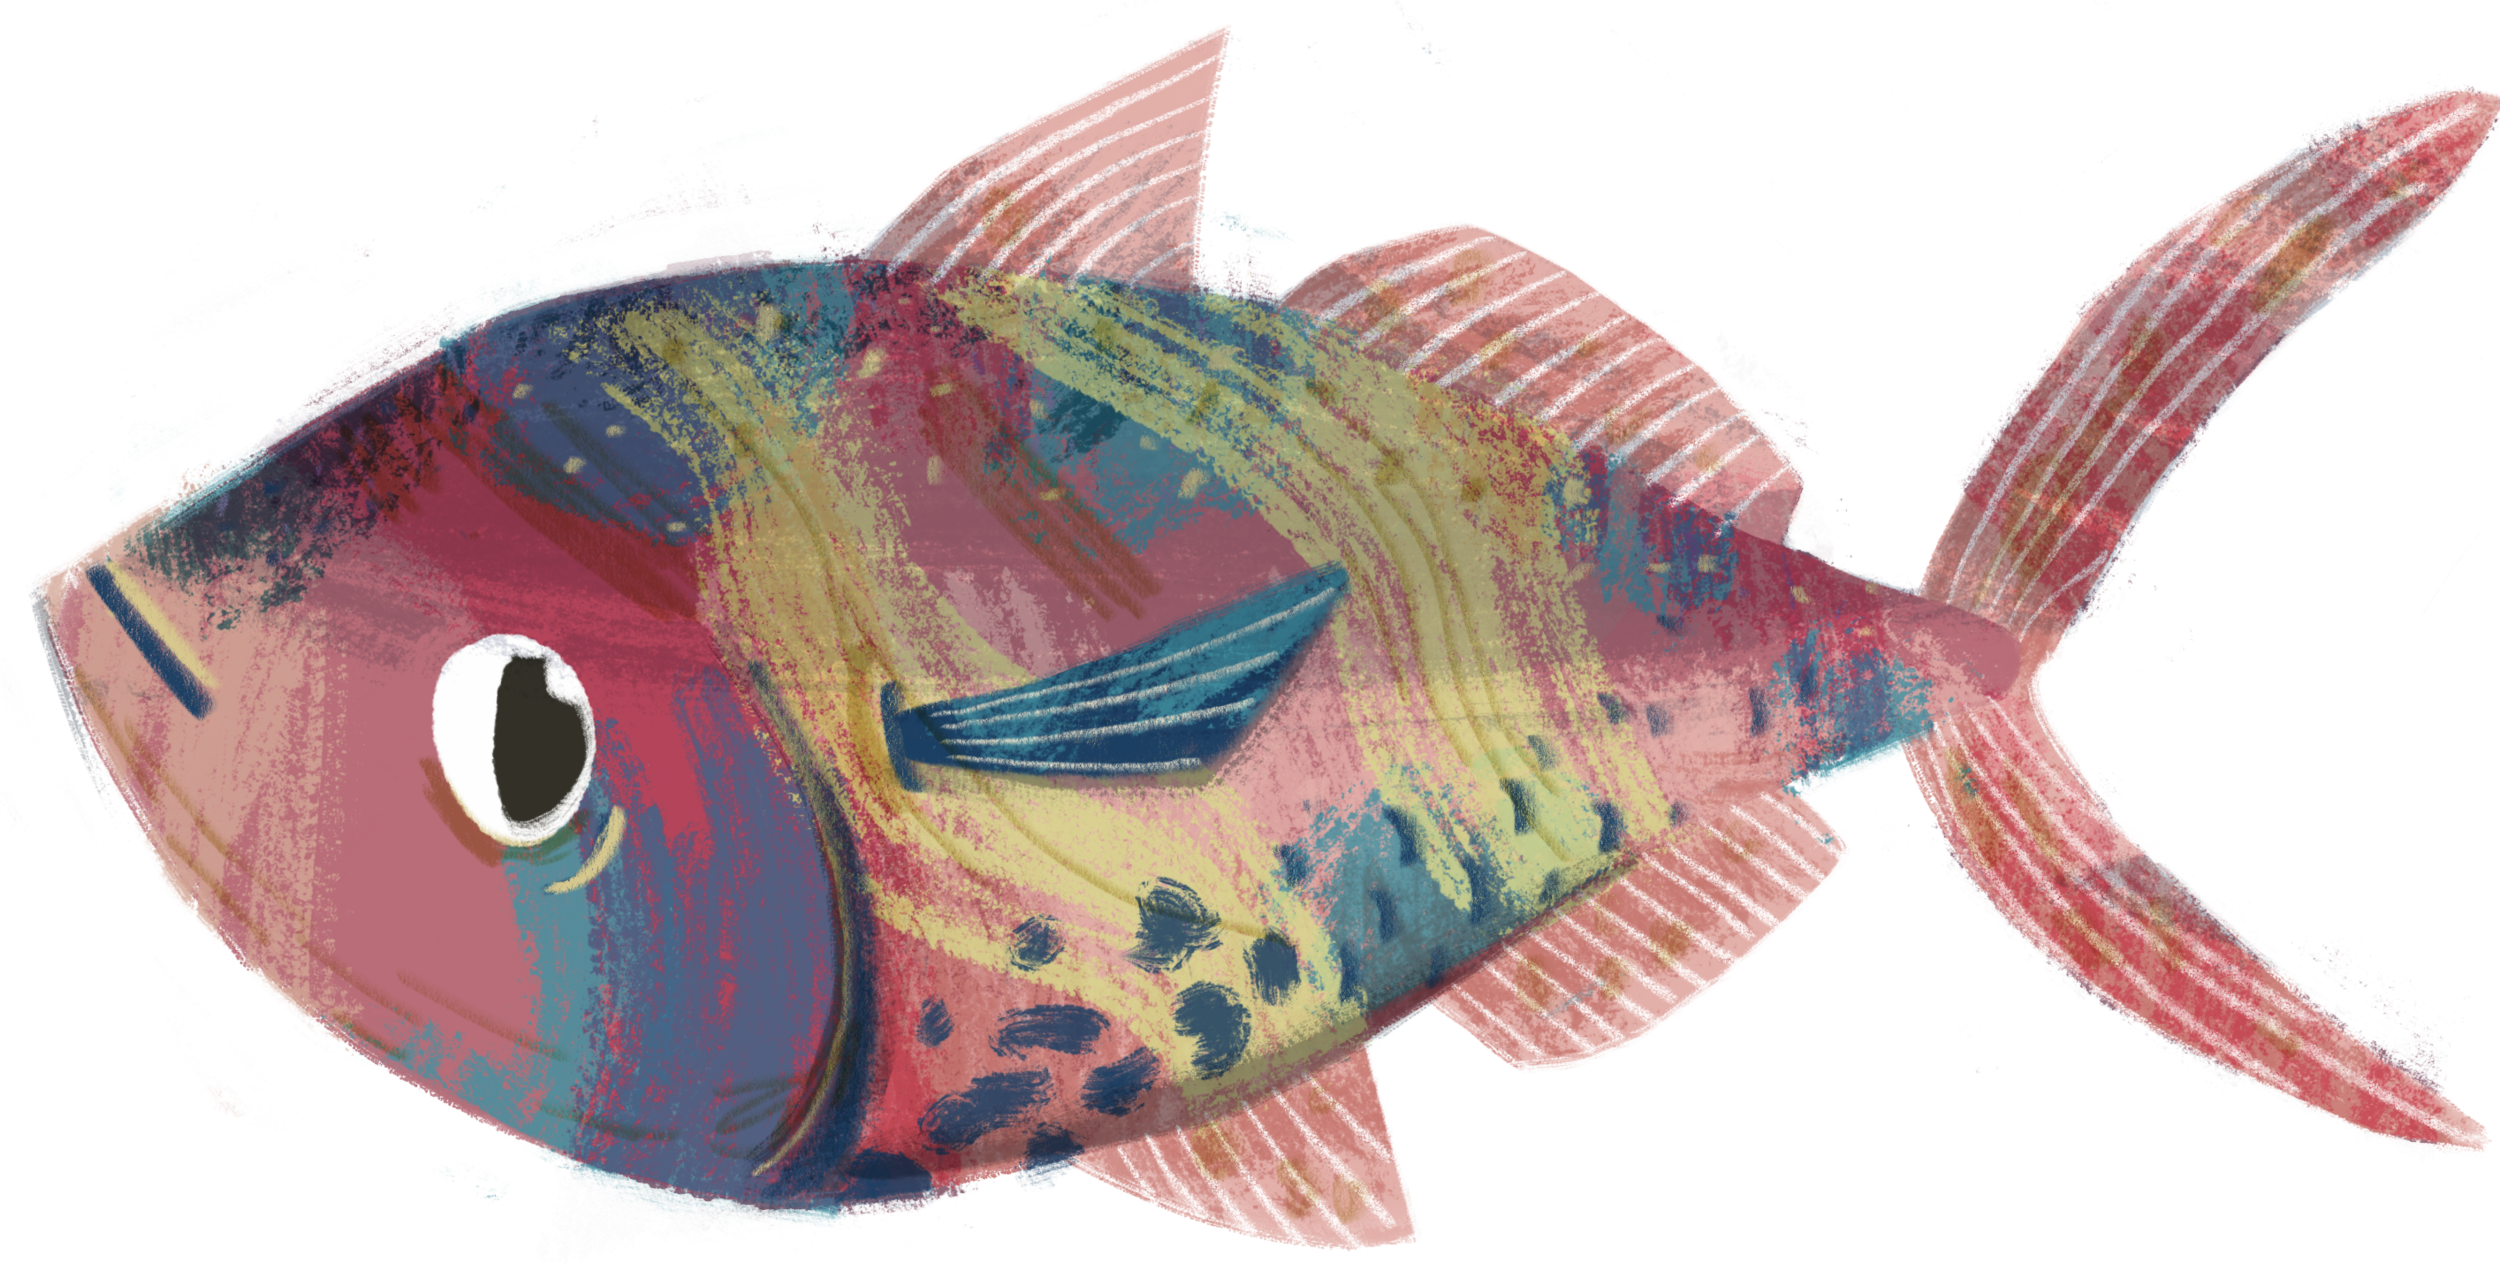 Fish023.png